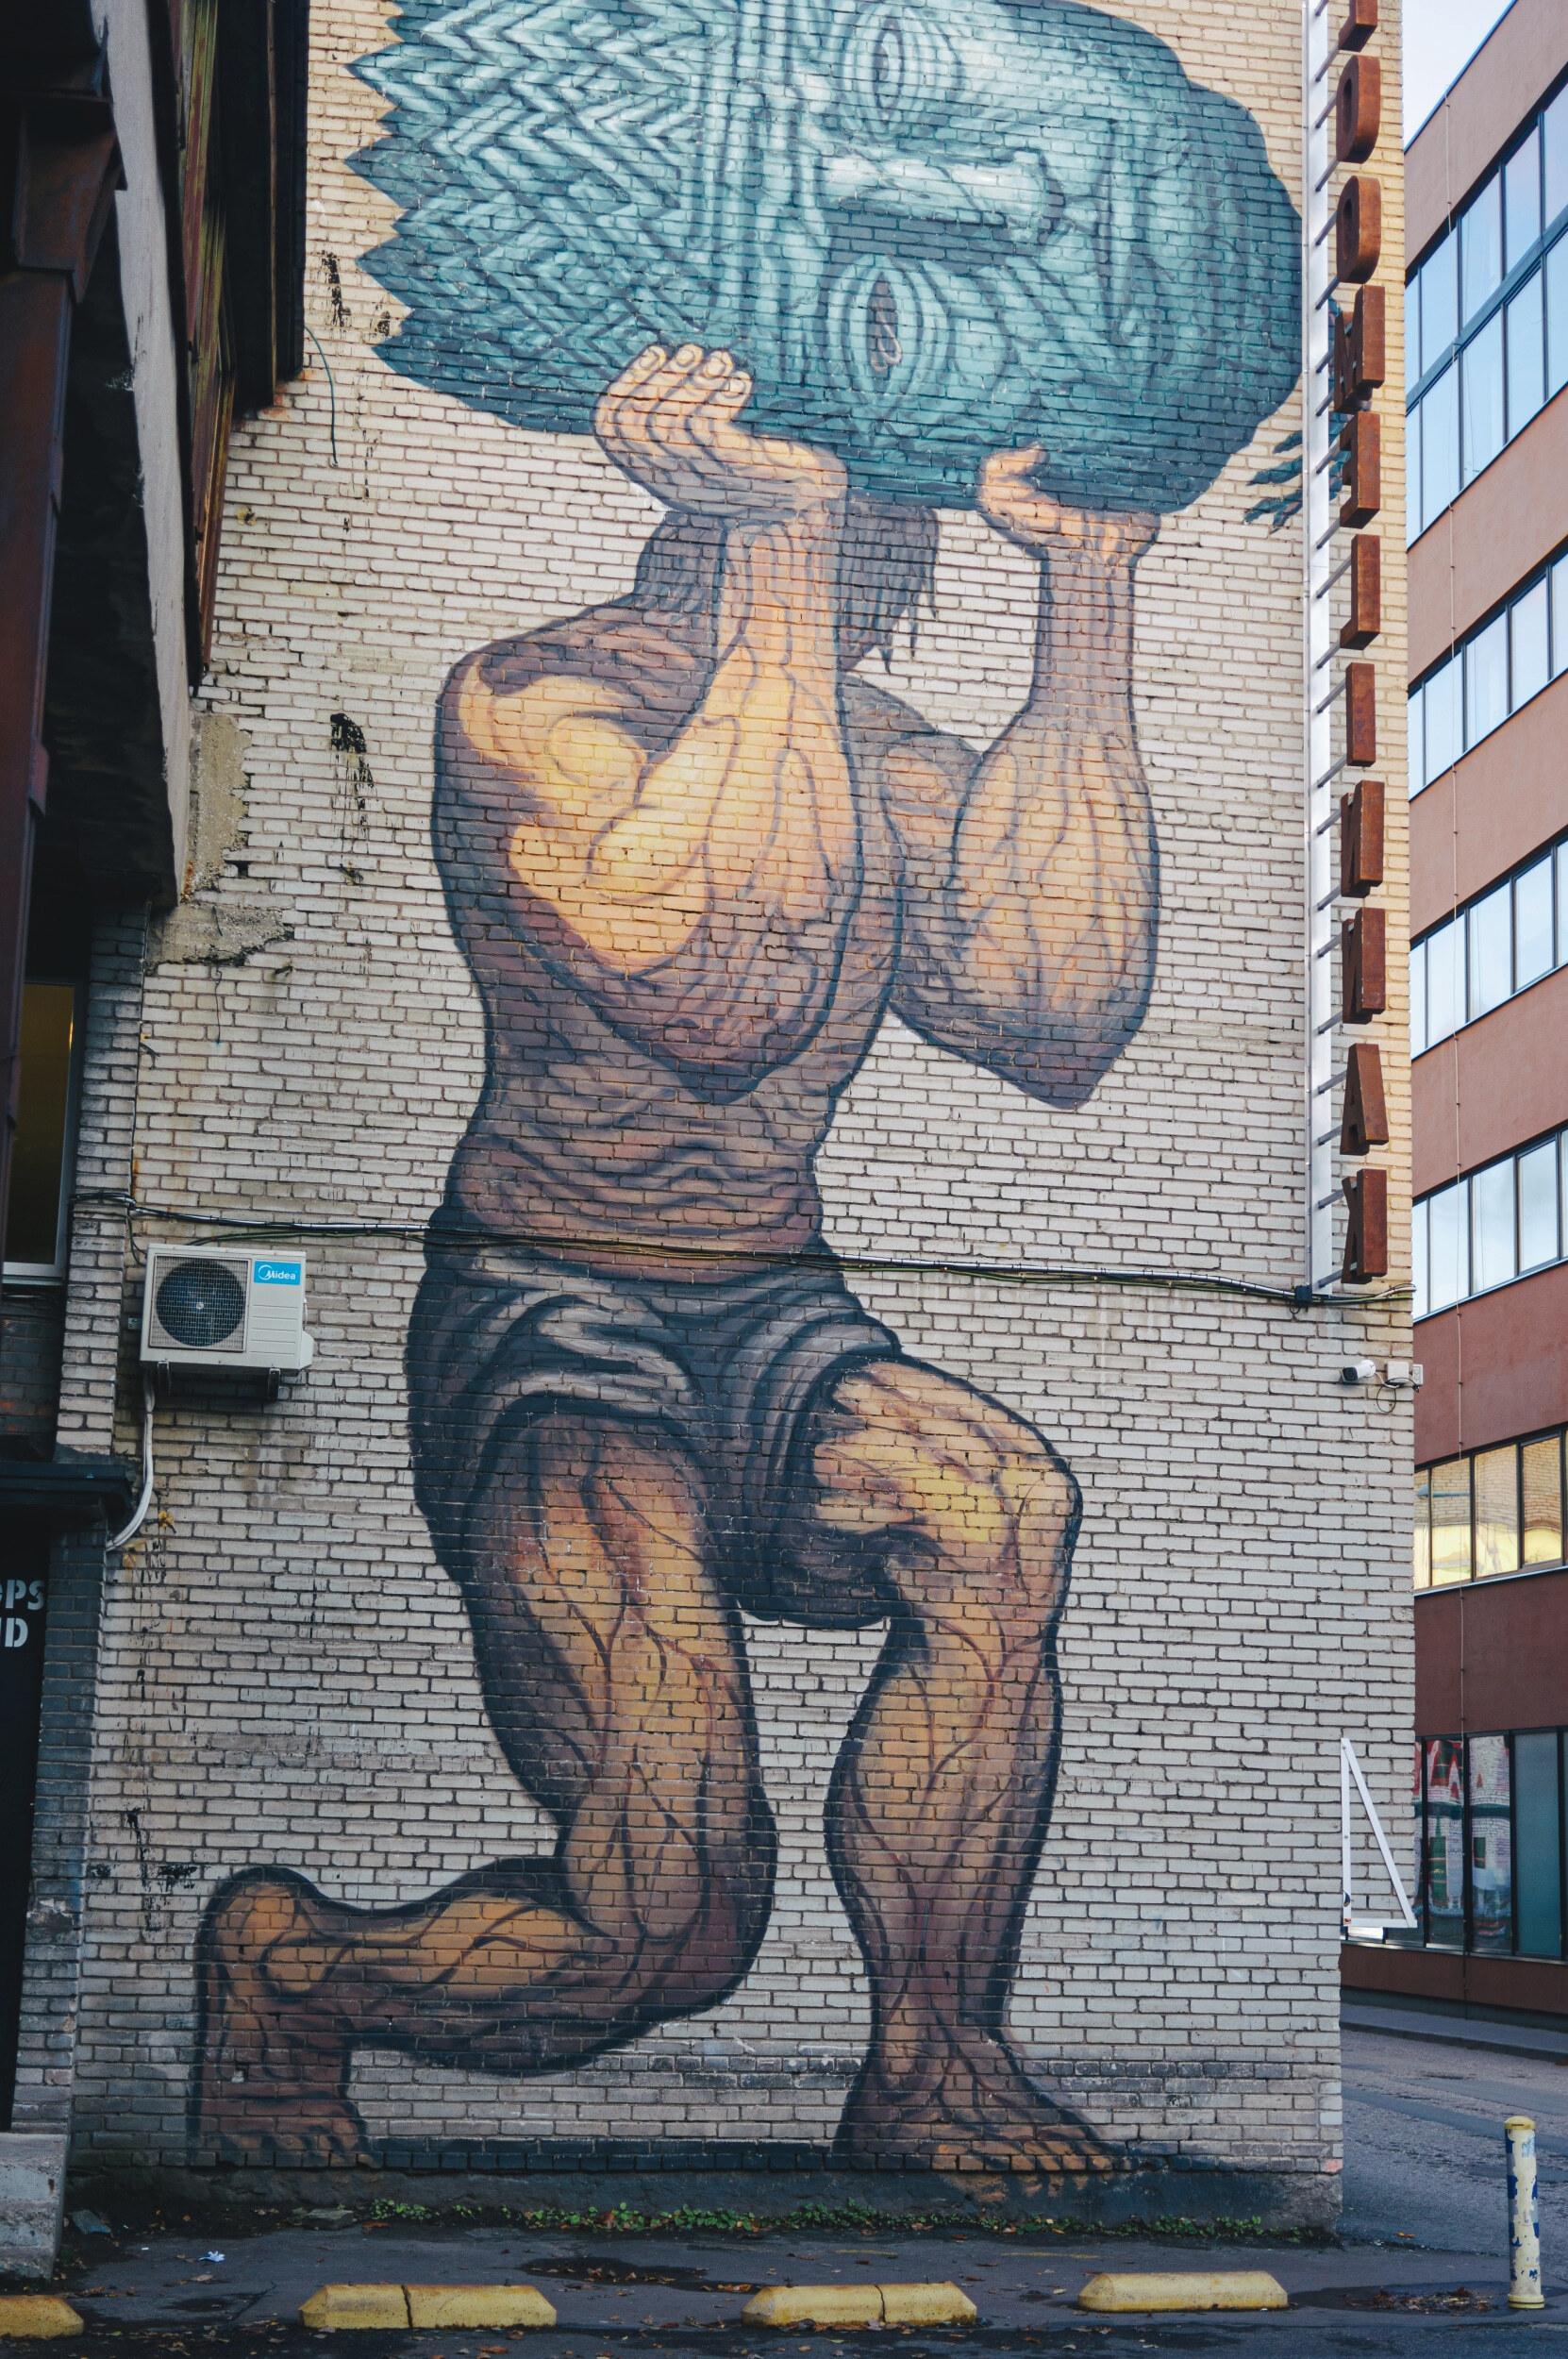 Gatvės menas Taline - Vilmantas Ramonas